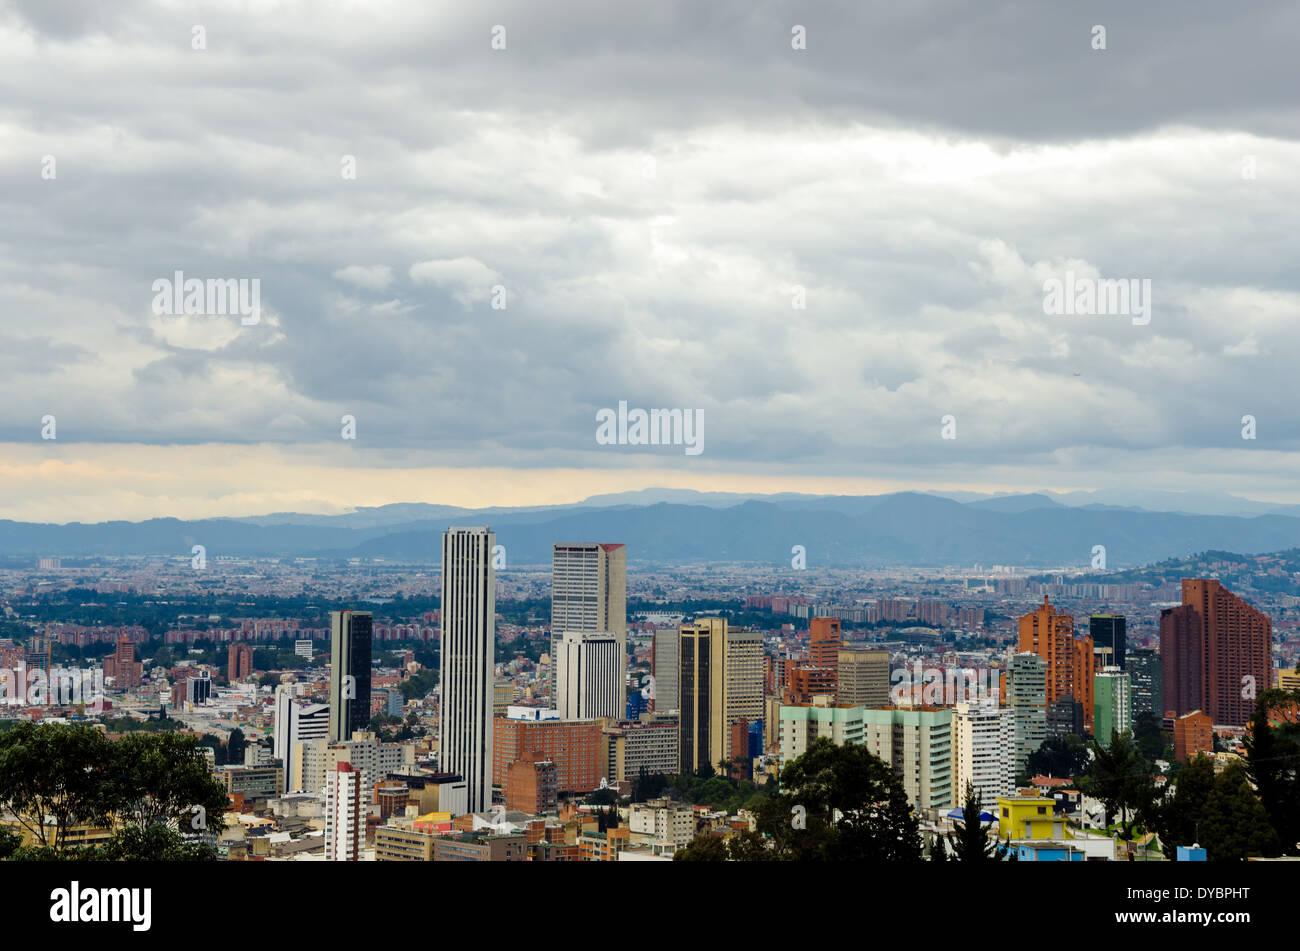 Rascacielos en el centro de Bogotá, Colombia Imagen De Stock